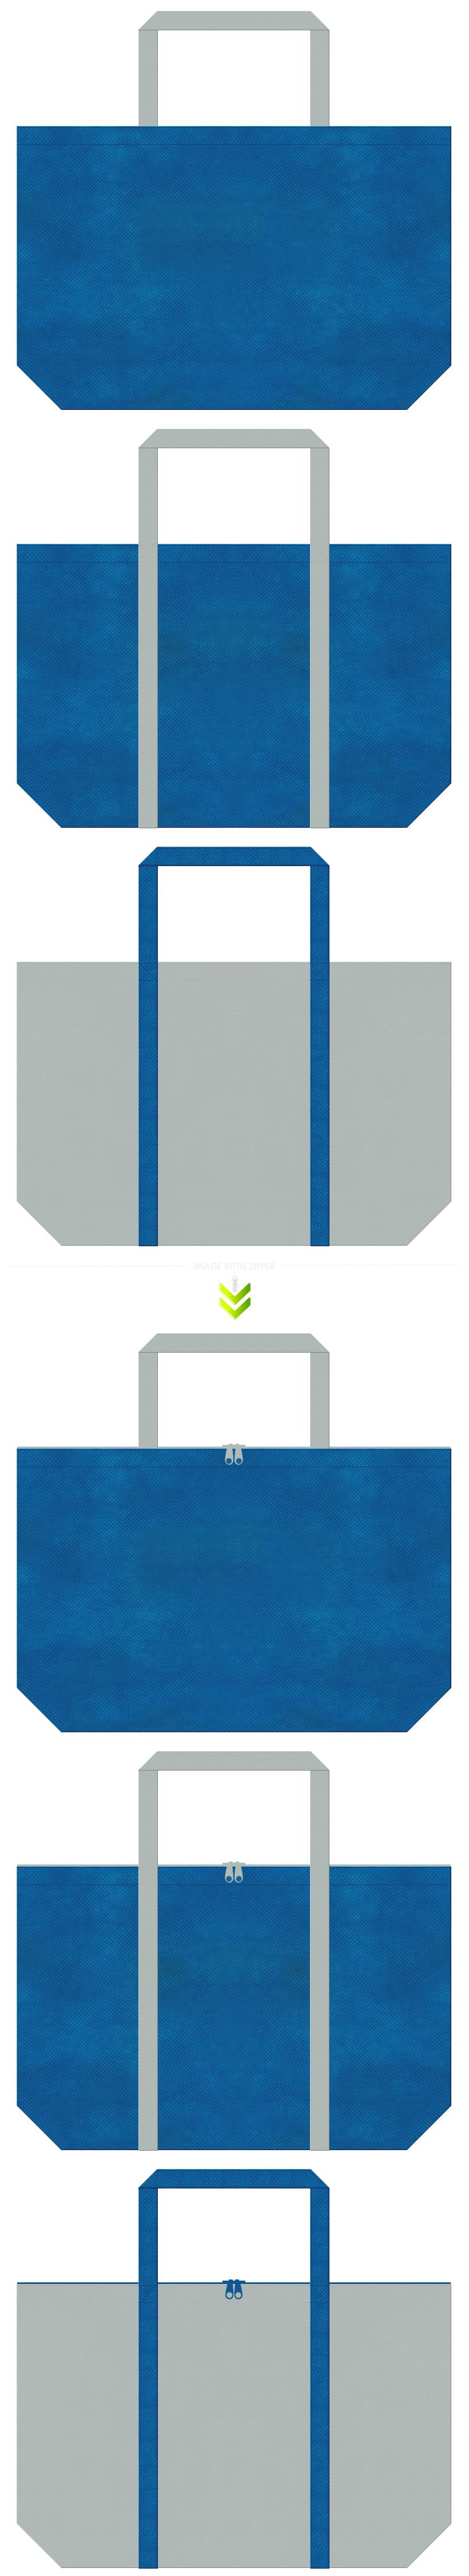 青色とグレー色の不織布バッグデザイン。カーリングストーン・人工知能のイメージにお奨めの配色です。